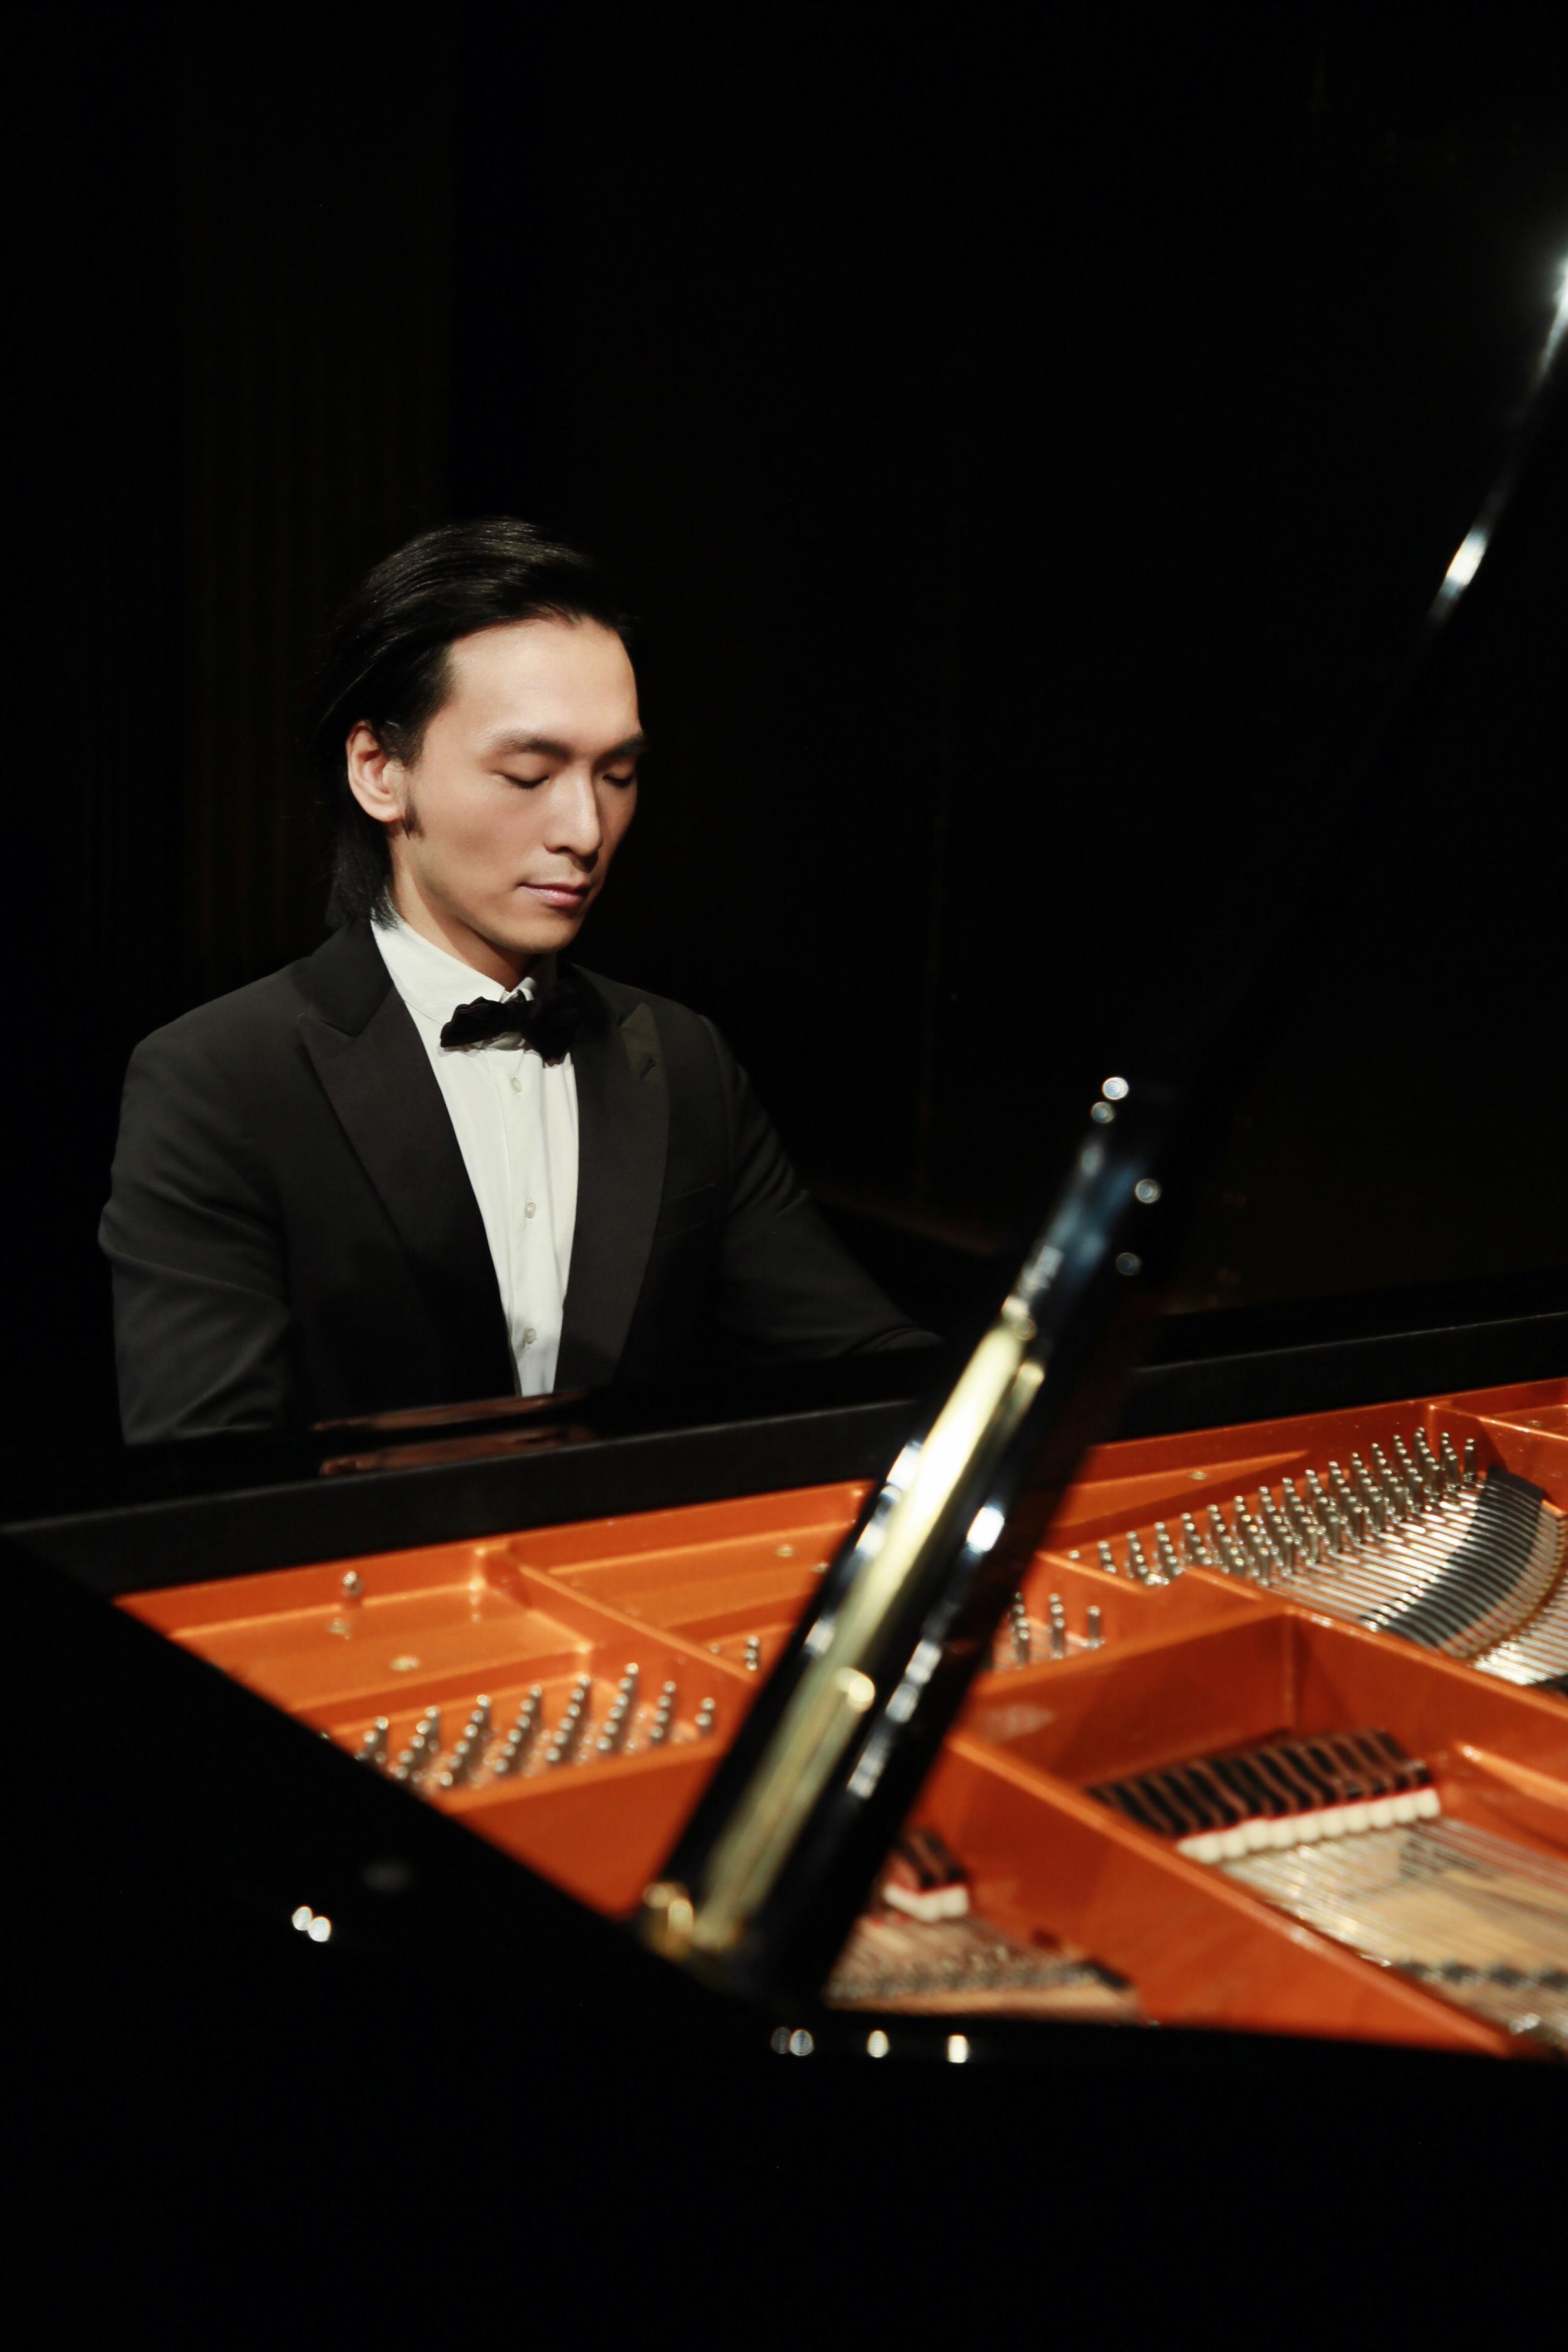 吴牧野世界巡演登陆法国音乐节 一众国际巨星到场欣赏